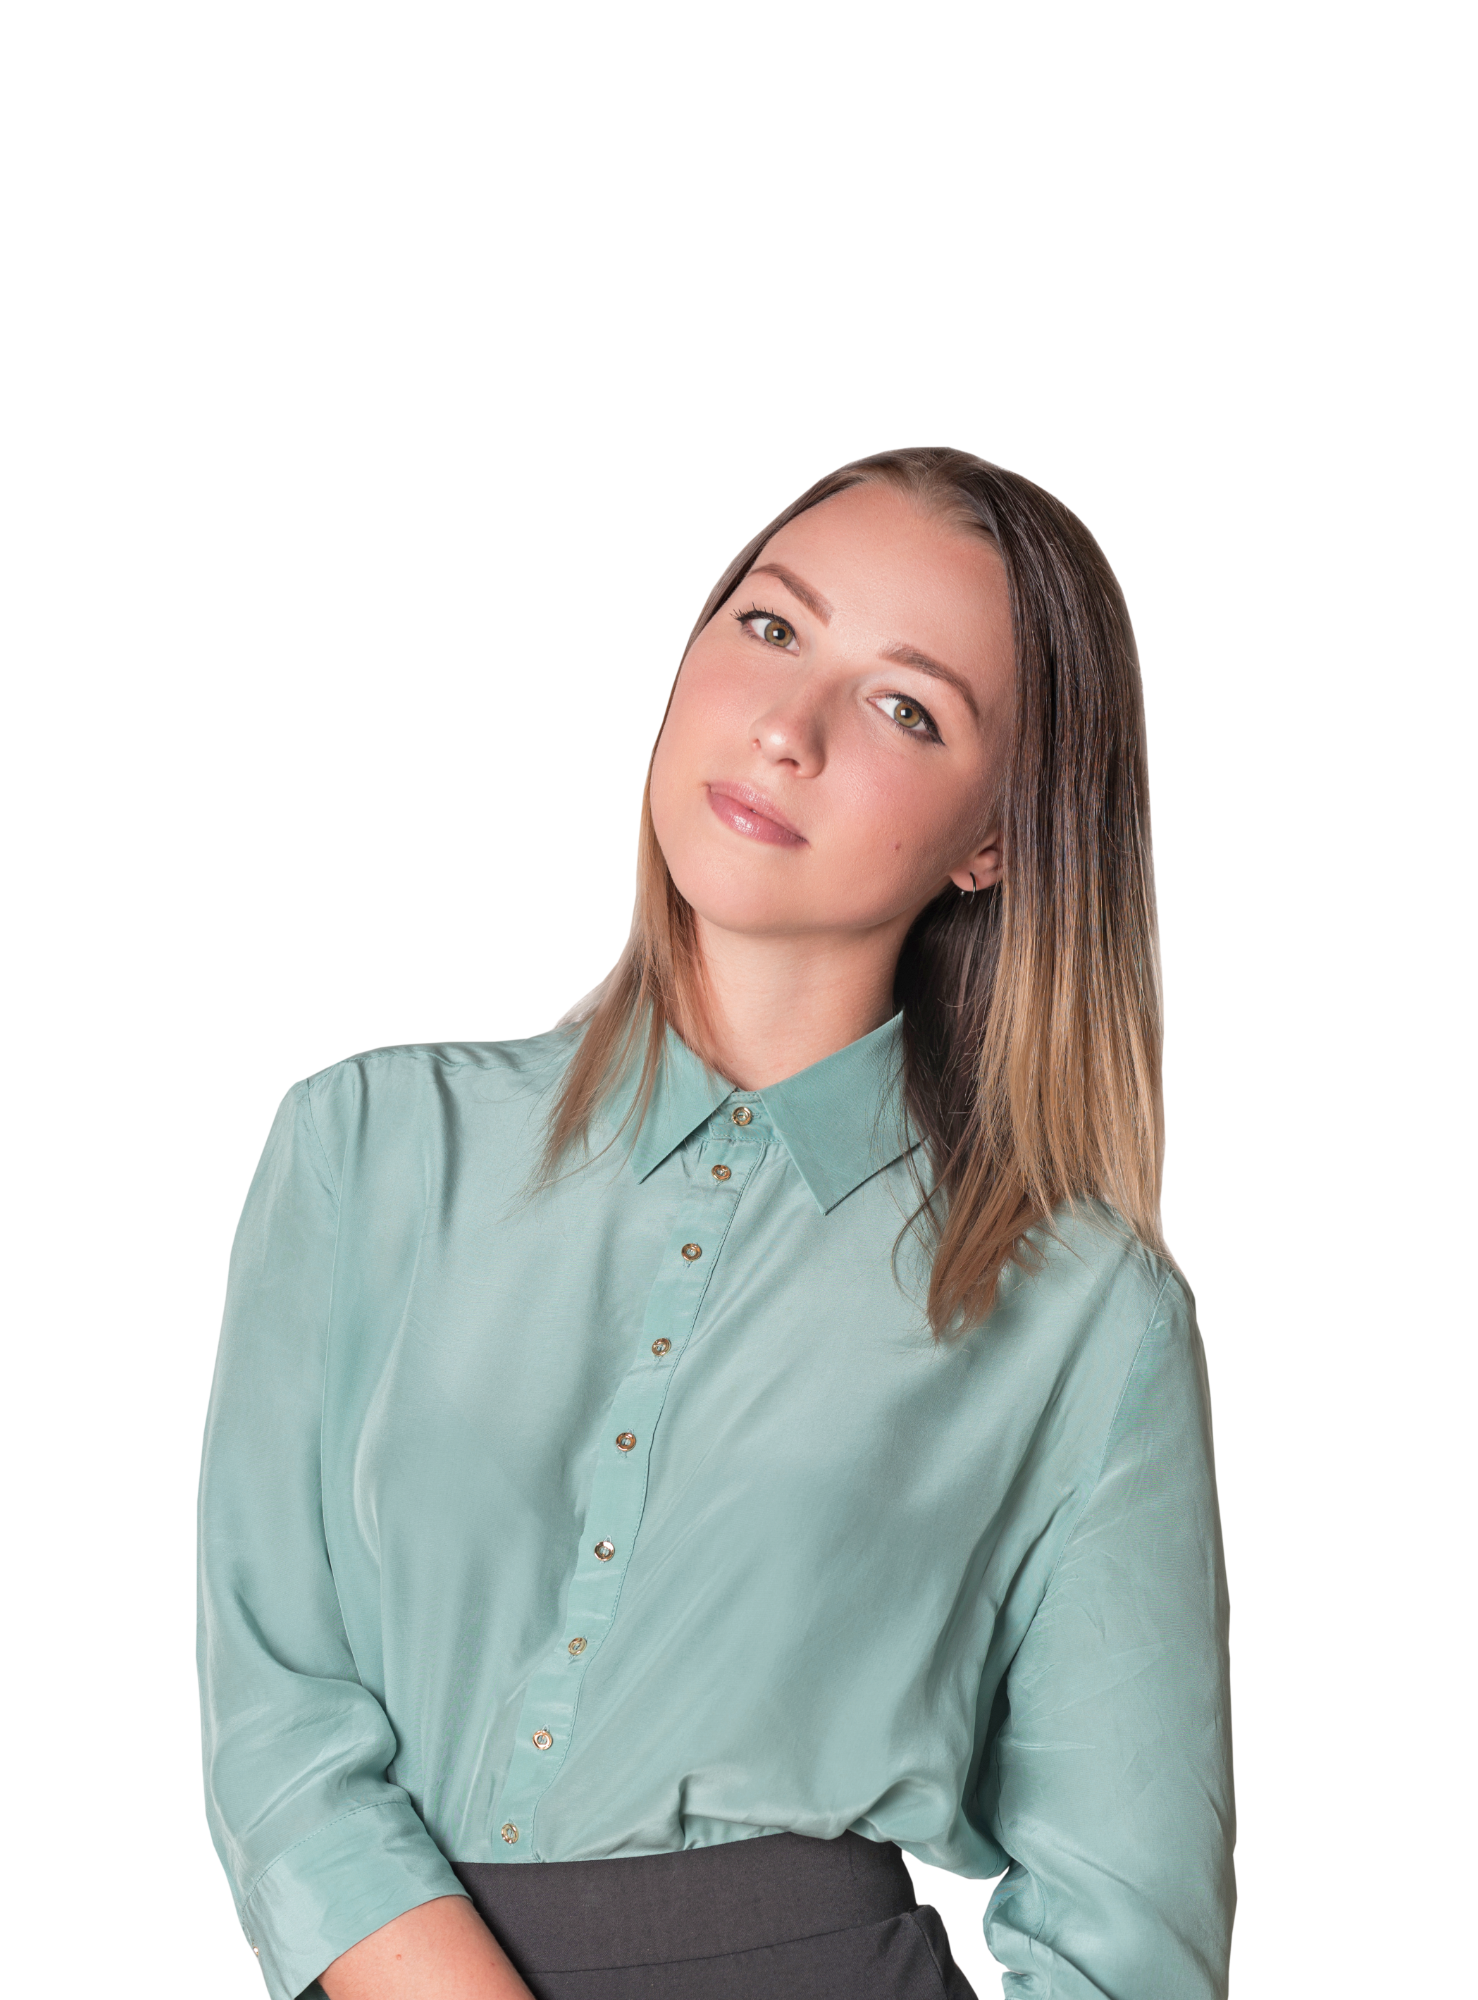 Анна, интернет-маркетолог